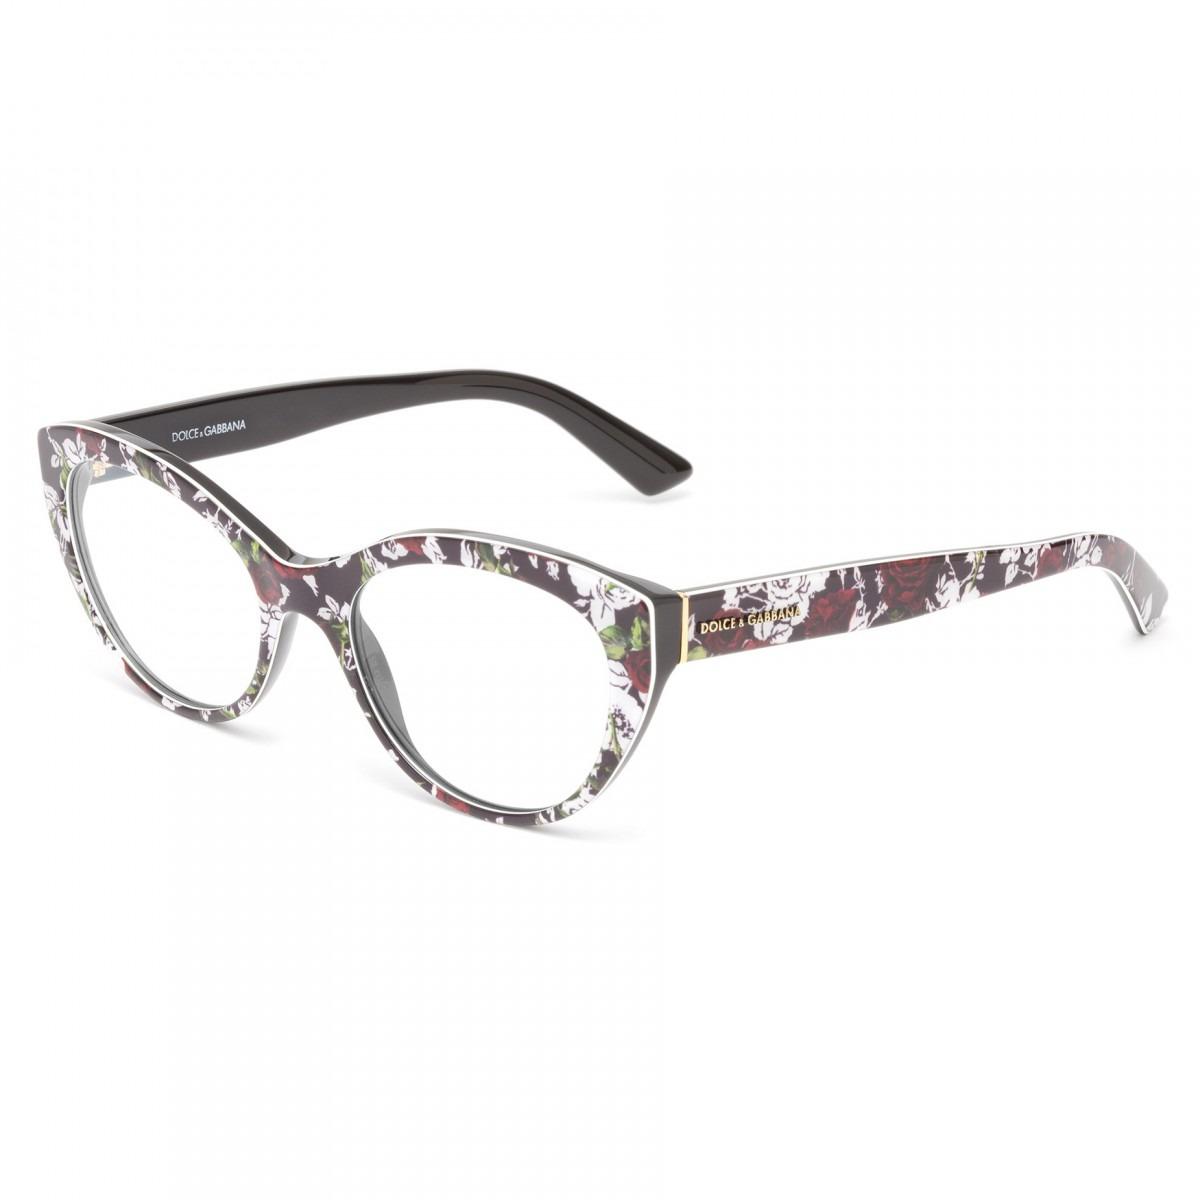 35e3fefb736ed Óculos De Grau Dolce   Gabbana Dg3246 3019 - R  728